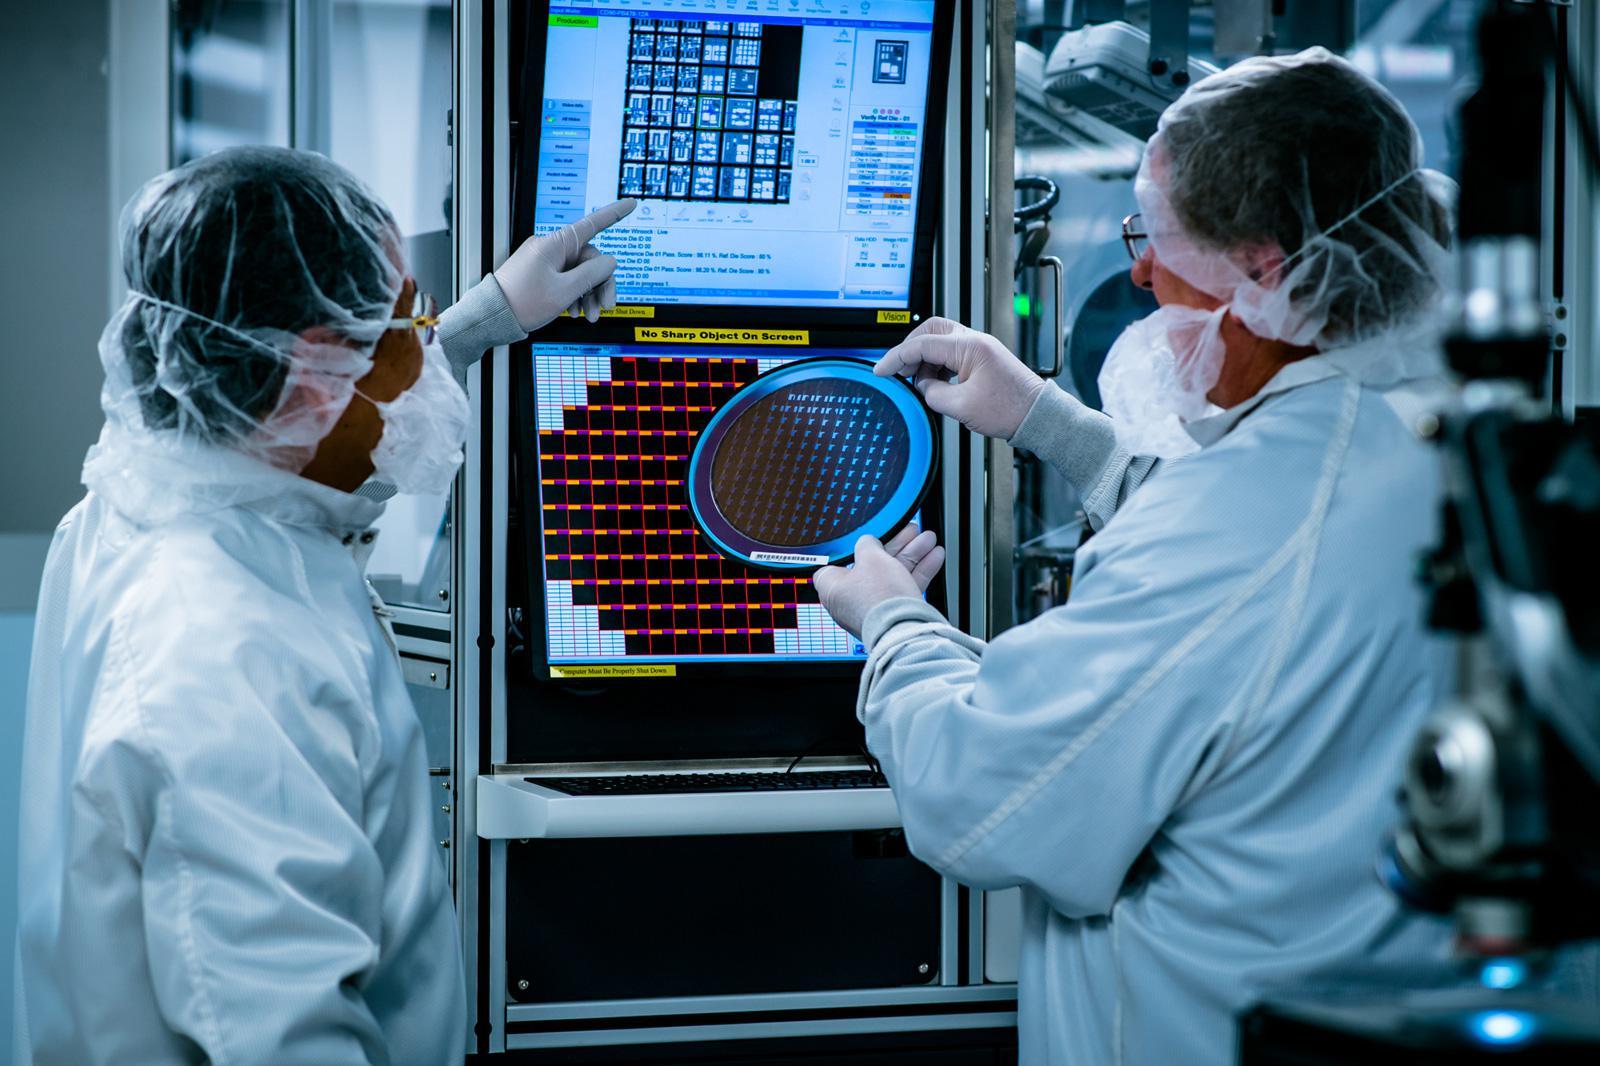 高通下一款骁龙高端处理器将采用7nm制程